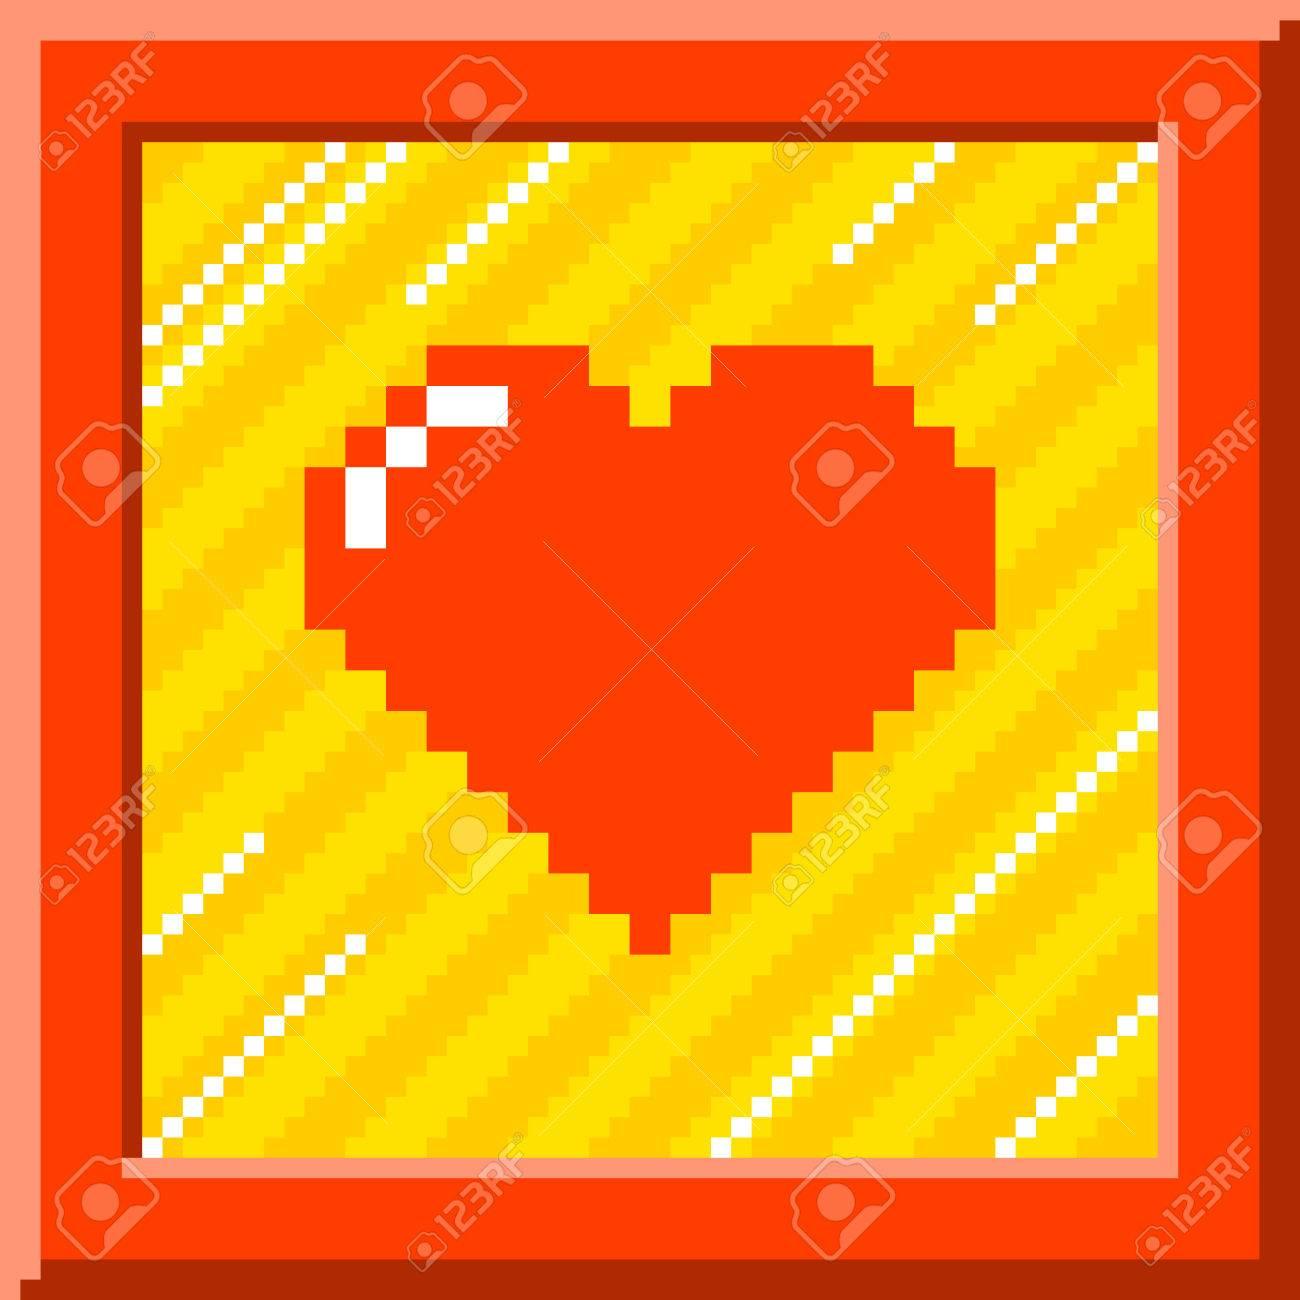 Coeur De Pixel Rouge Entouré Dune Bordure Rouge Sur Fond Rayé Le Cur Est Formé De Carrés Individuels Et Est Laissé Pour Faciliter Le Montage